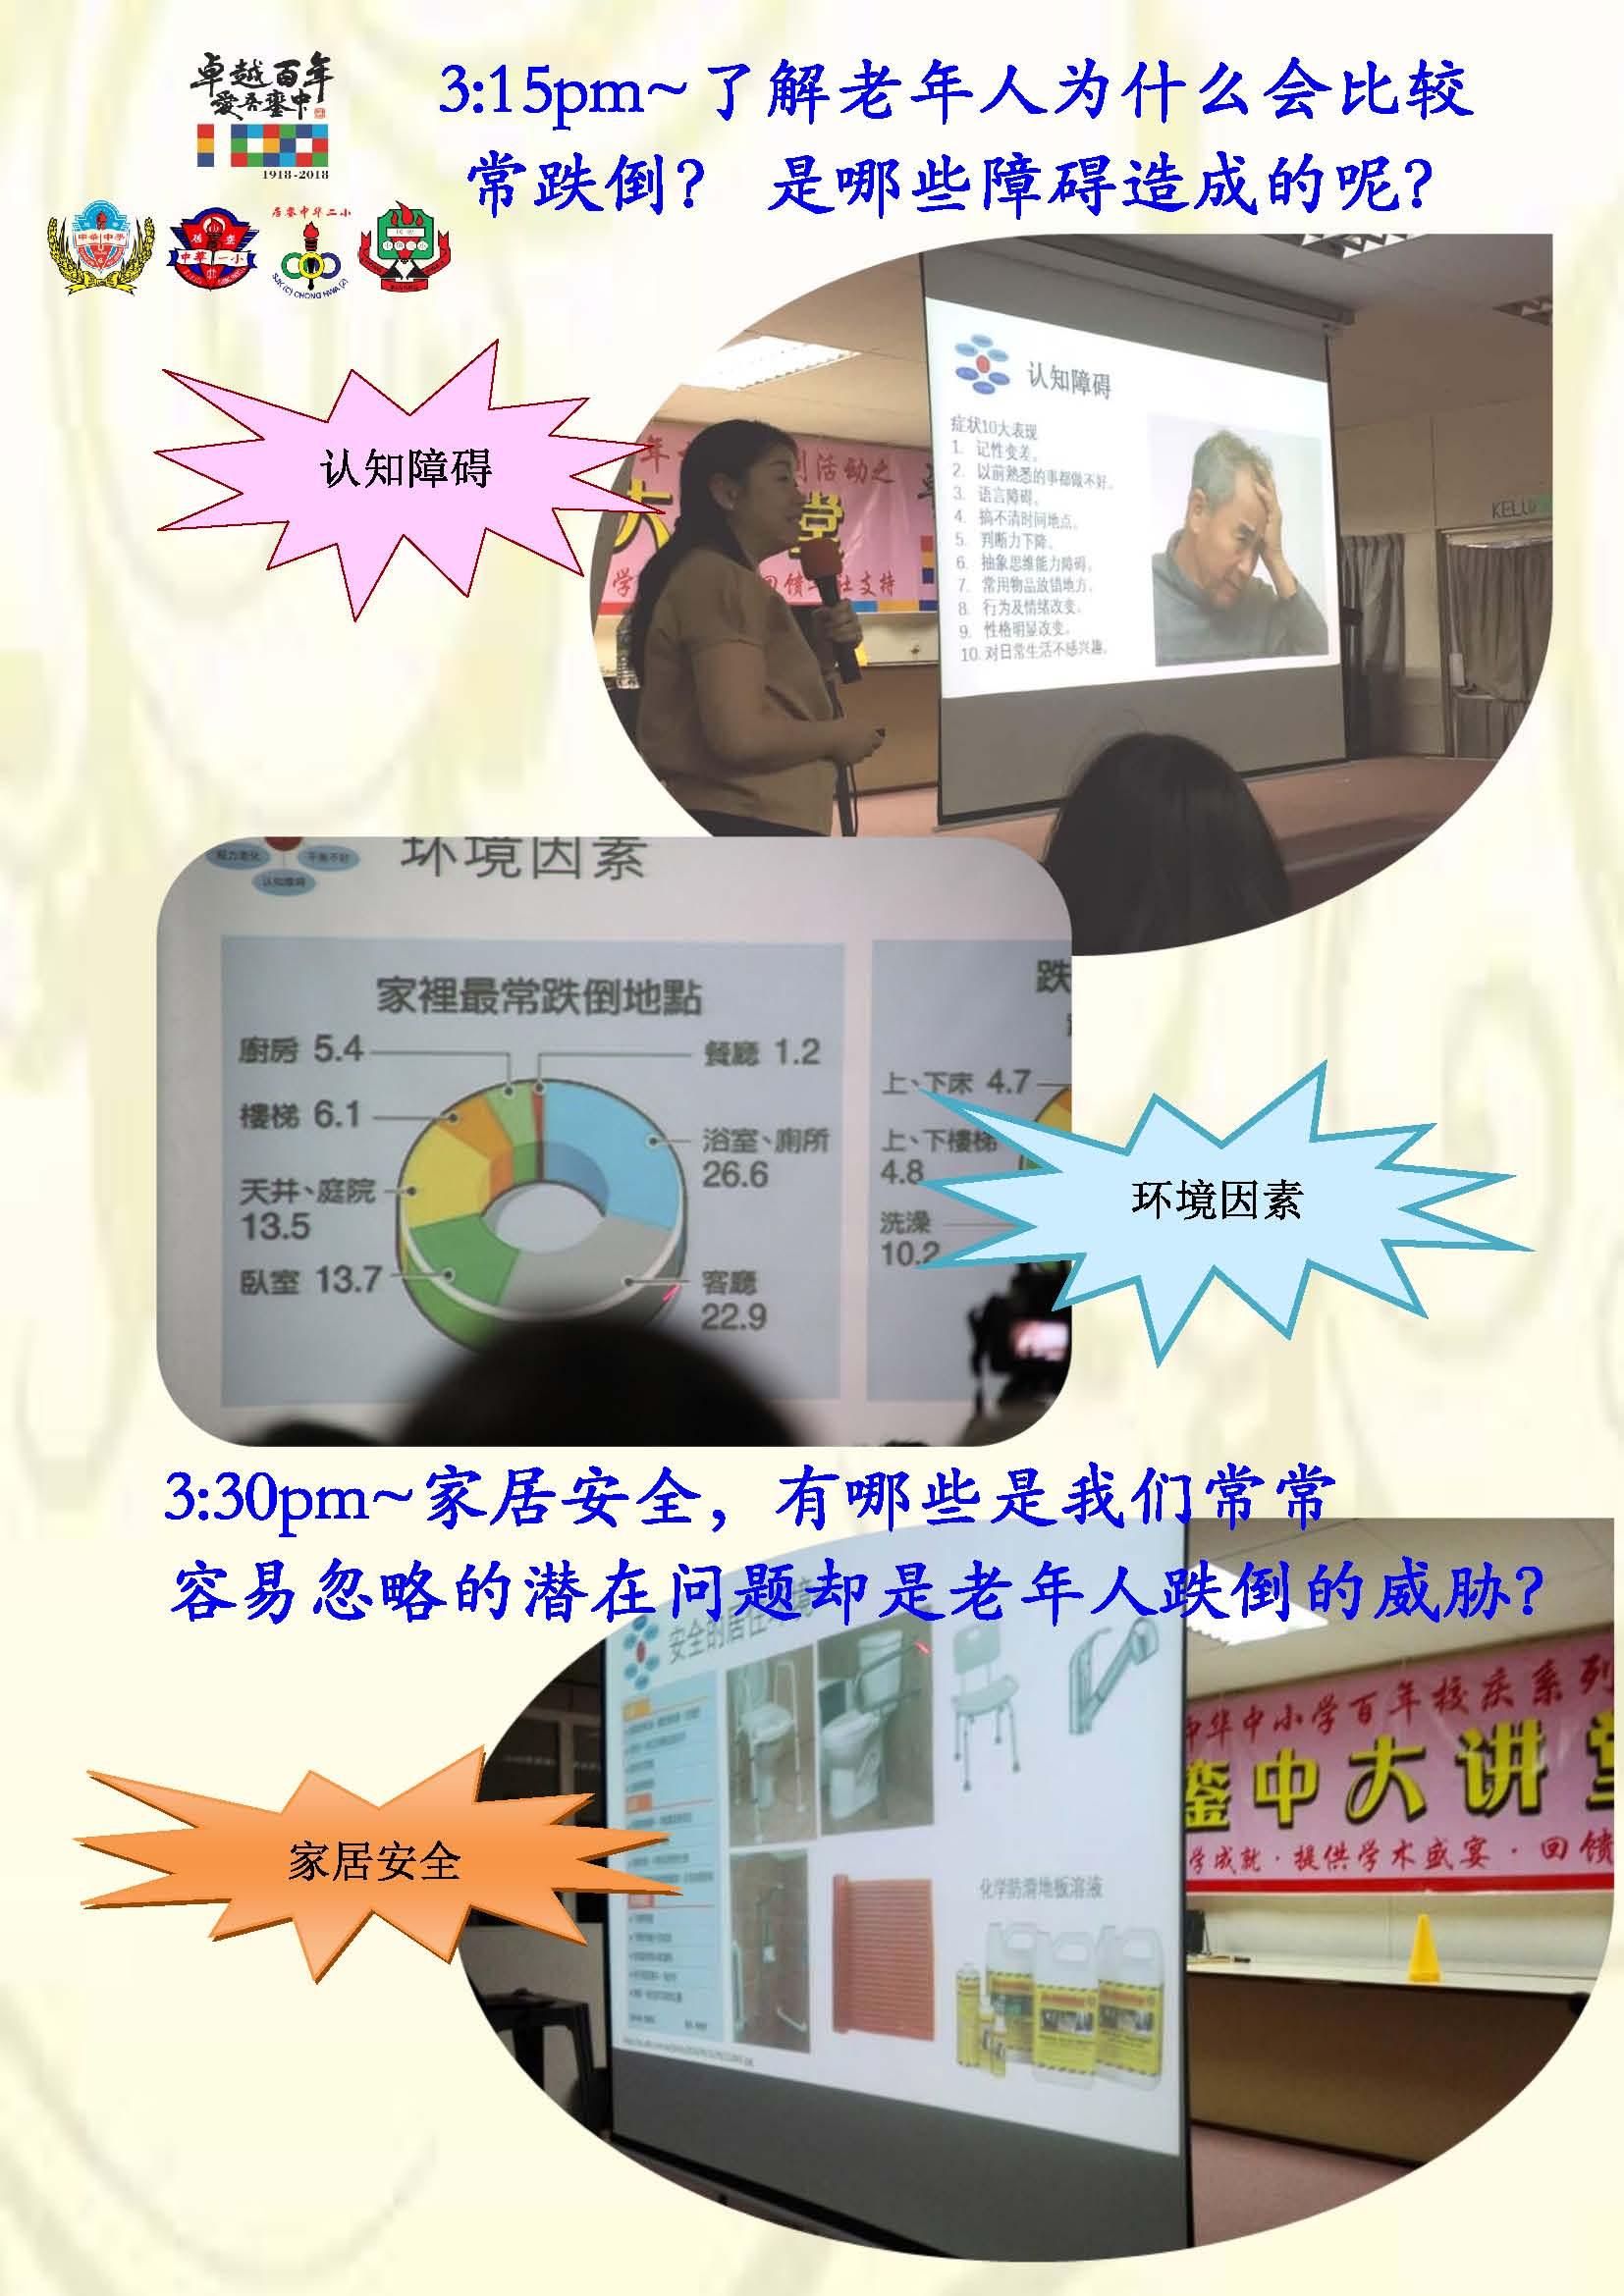 大讲堂-第5讲300717-王惠娟【让年长者更安全~漫谈老人防跌知识】pdf_页面_07